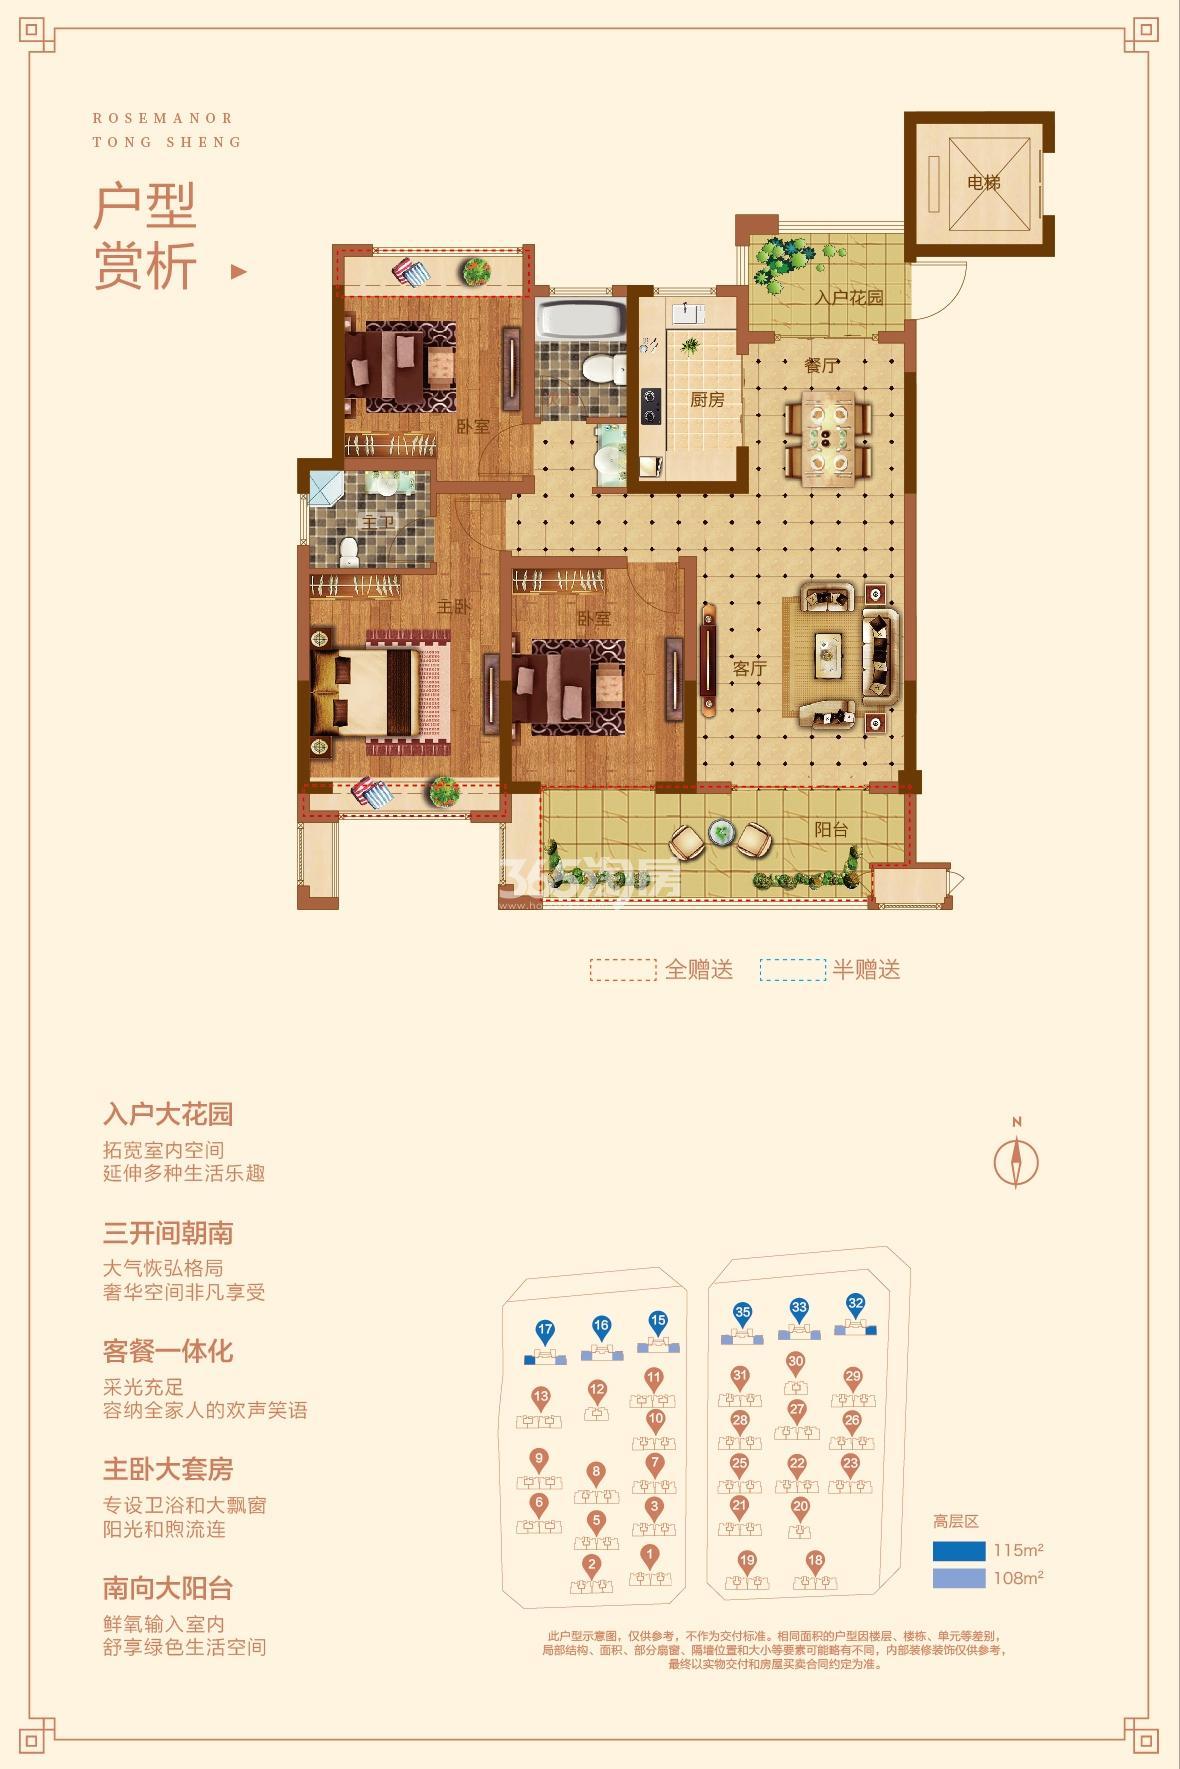 同昇玫瑰庄园G2: 三室 二厅 二卫 108-115㎡